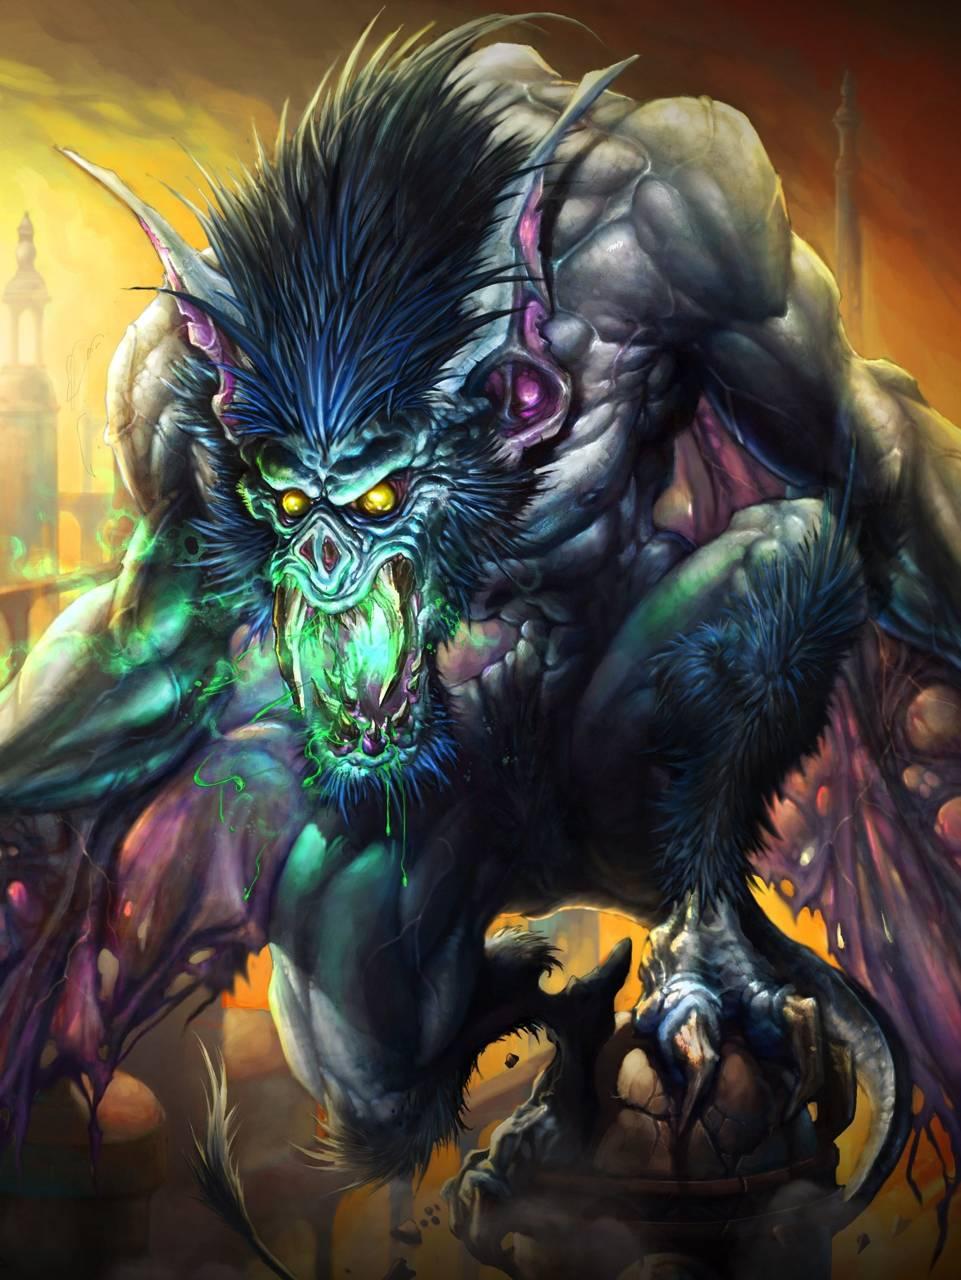 Bat Monster